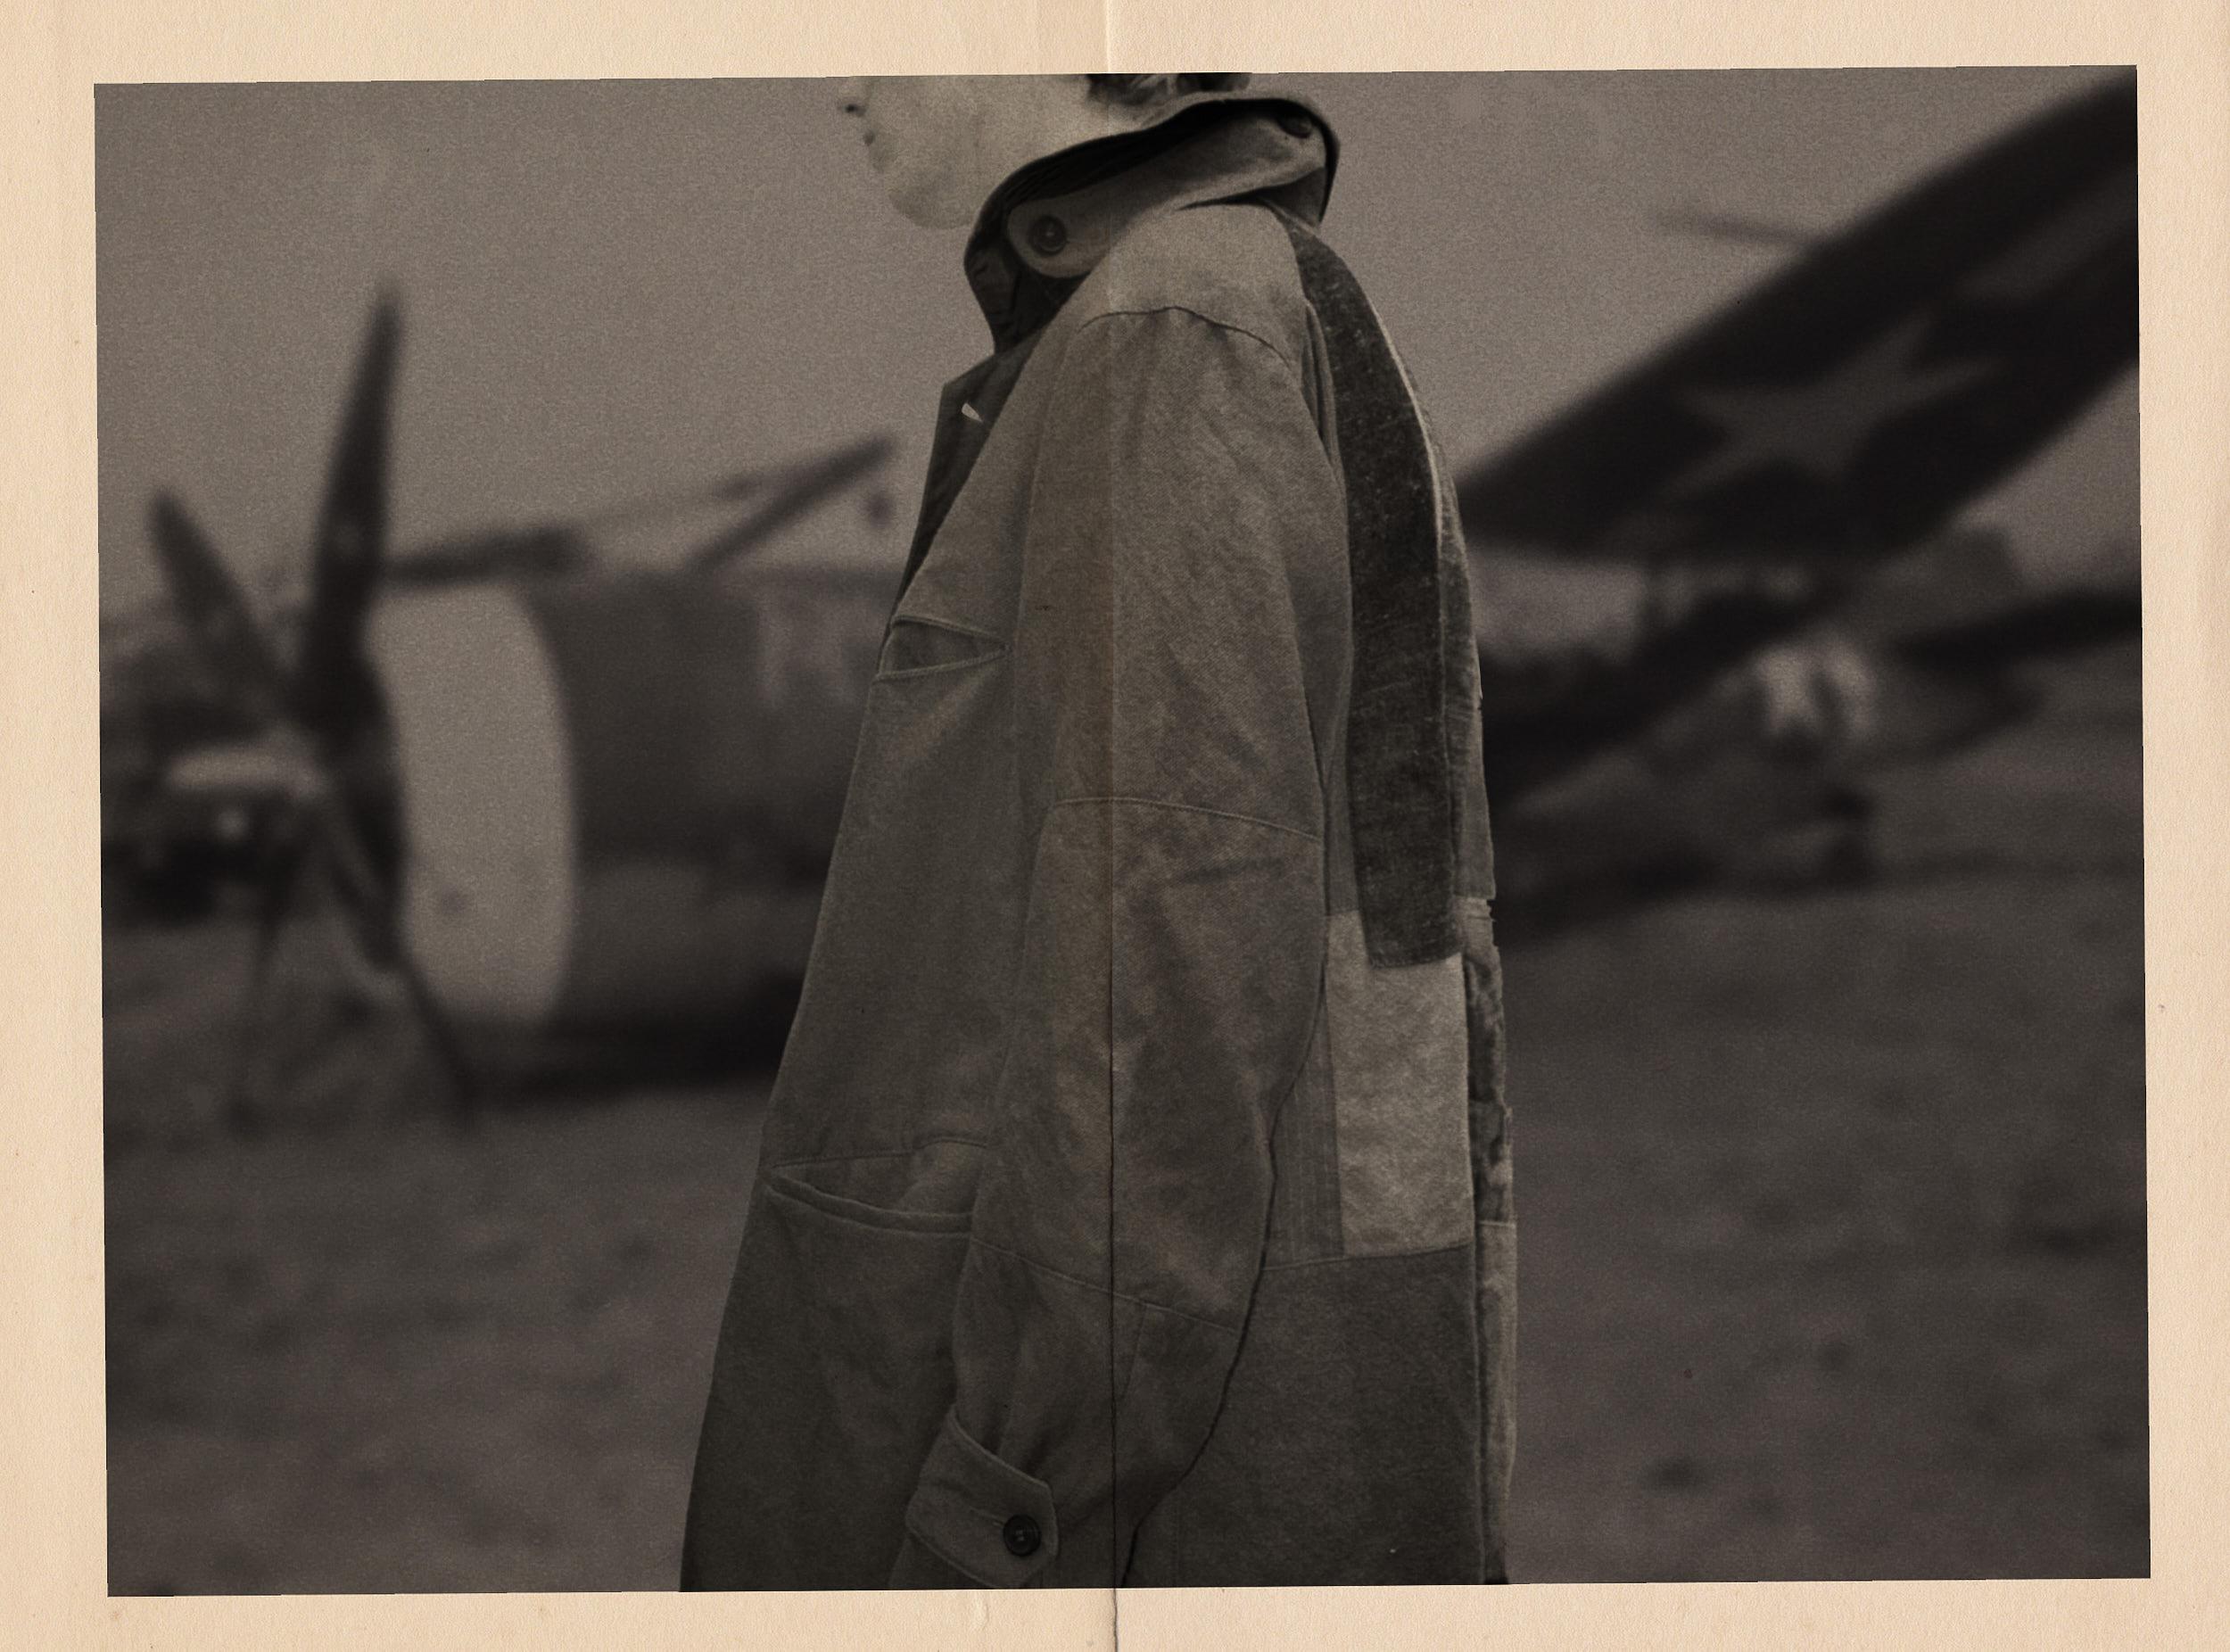 avion-Ziggy-Chen-on-Anniversary-Magazine.jpg